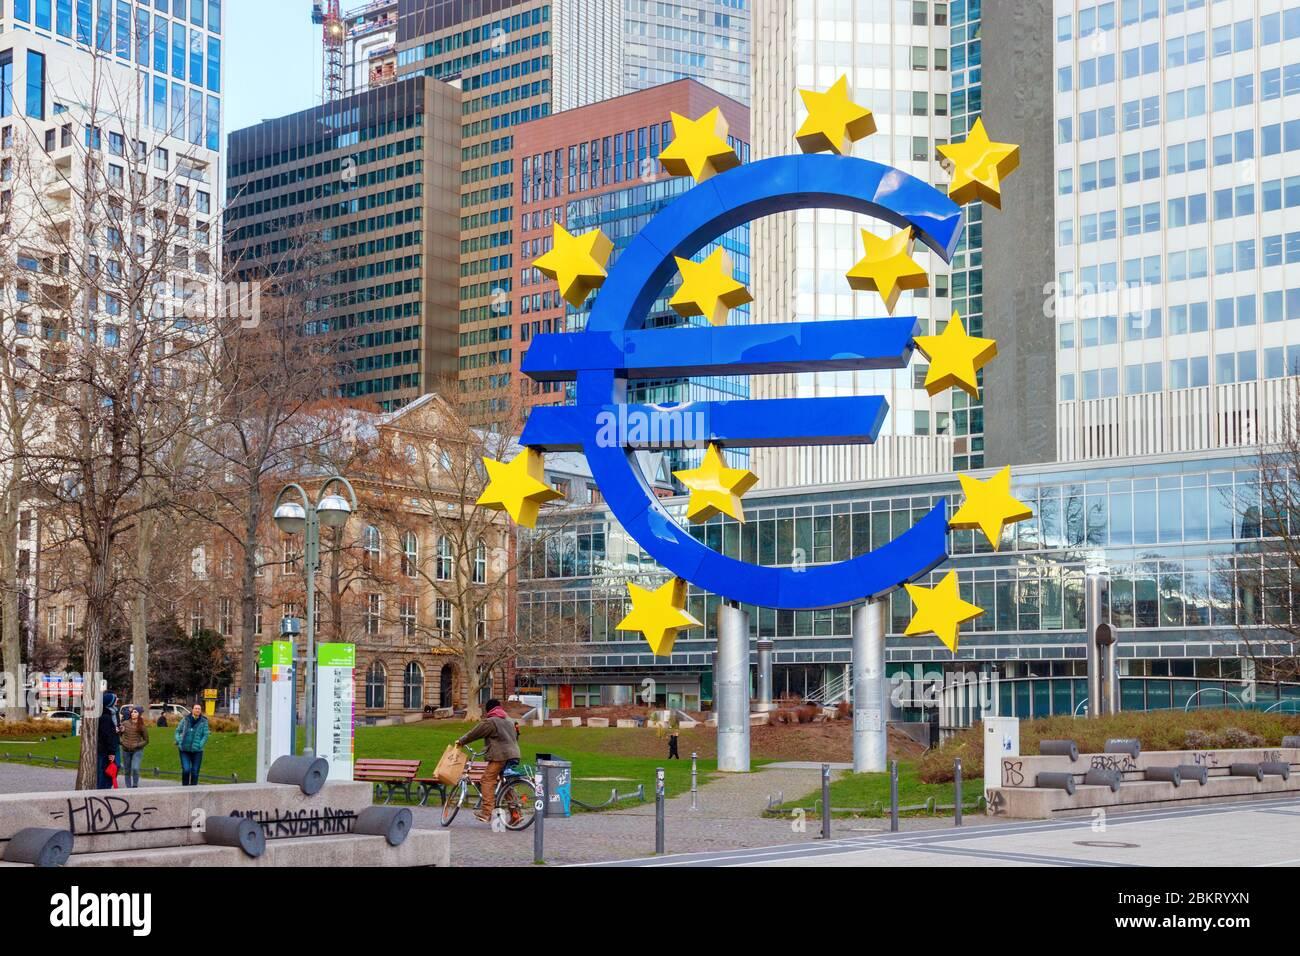 Willy-Brandt-Platz con la Euro Sculpture (Euro-Skulptur) mostrando un signo azul del euro y doce estrellas amarillas. Frankfurt, Alemania. Foto de stock